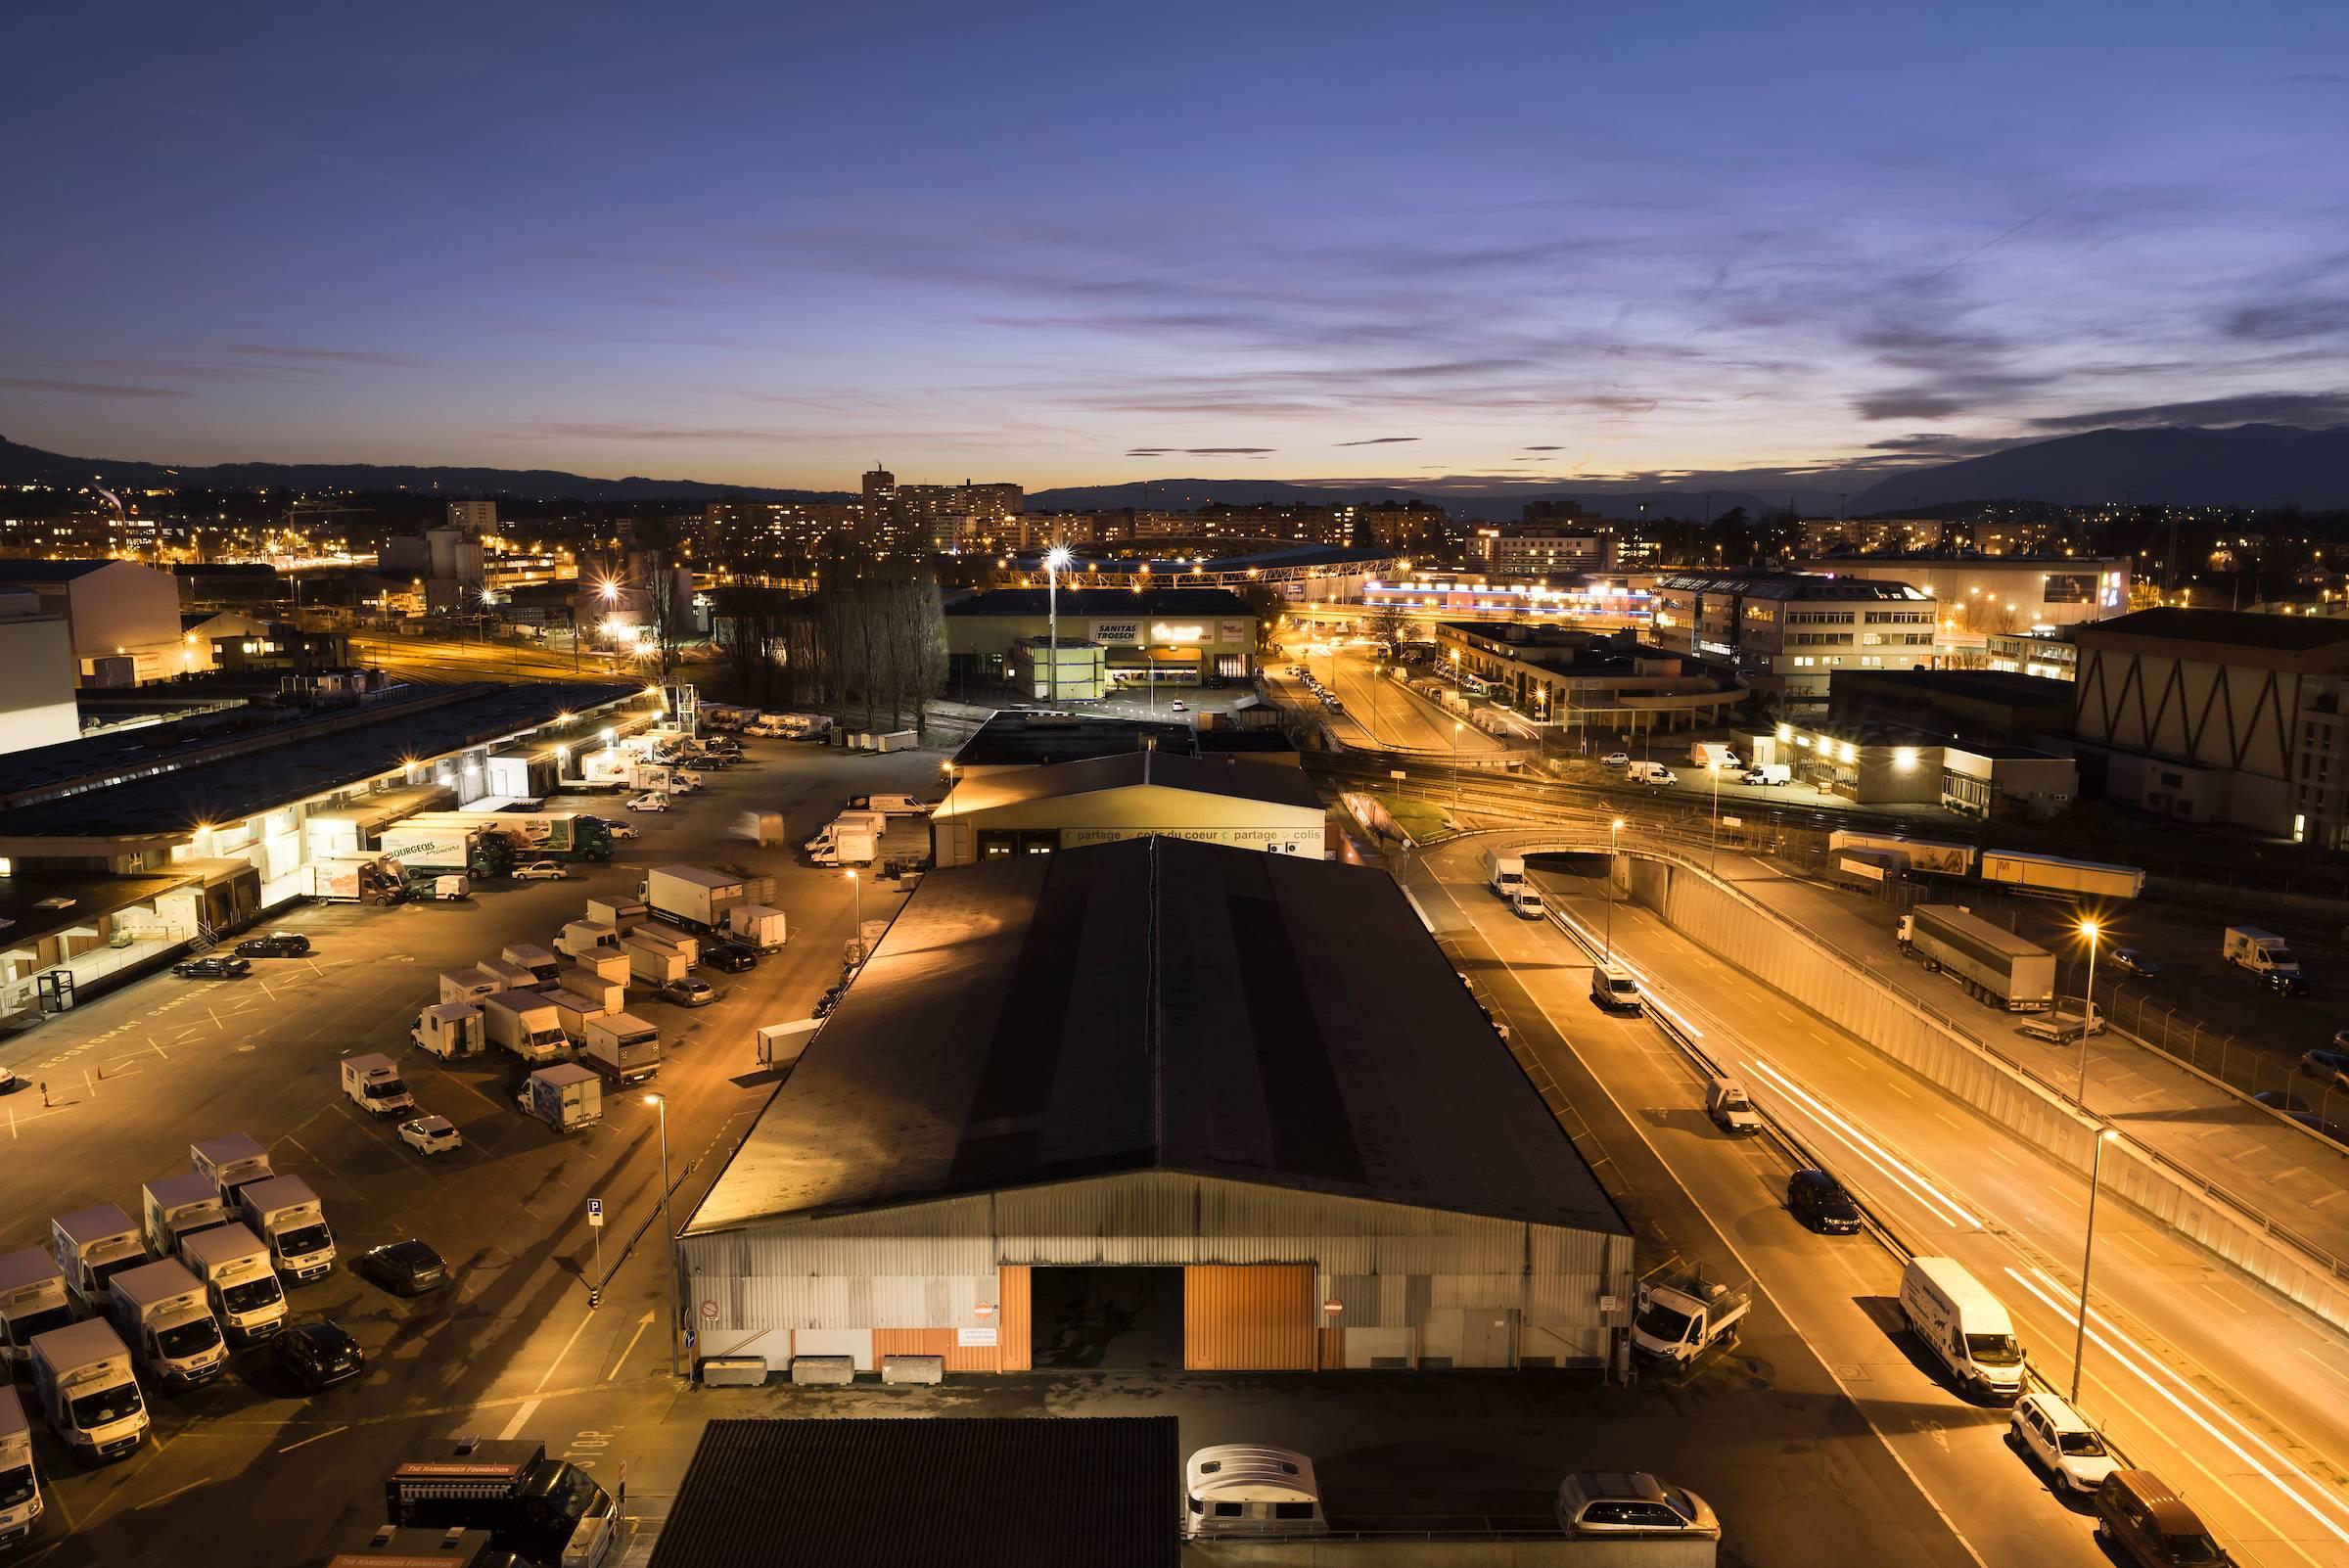 Table ronde : Quels développements pour l'économie locale et l'innovation dans le PAV ?